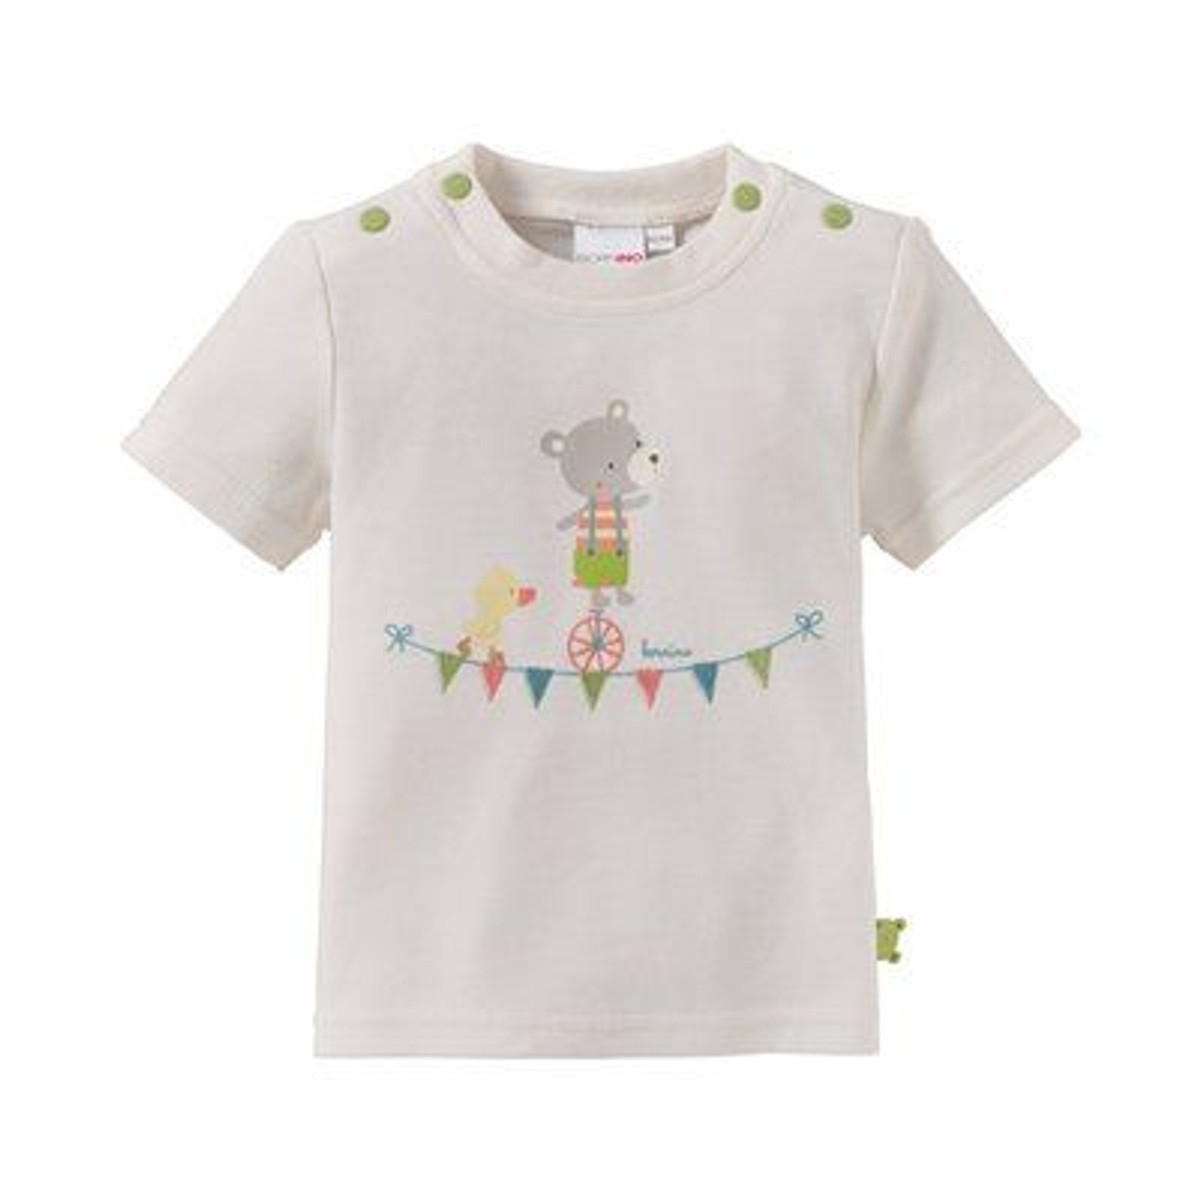 Bornino T-shirt Ours Et Canard Top Bébé Vêtements Bébé - Taille   naissance  b4aa84ea7c9